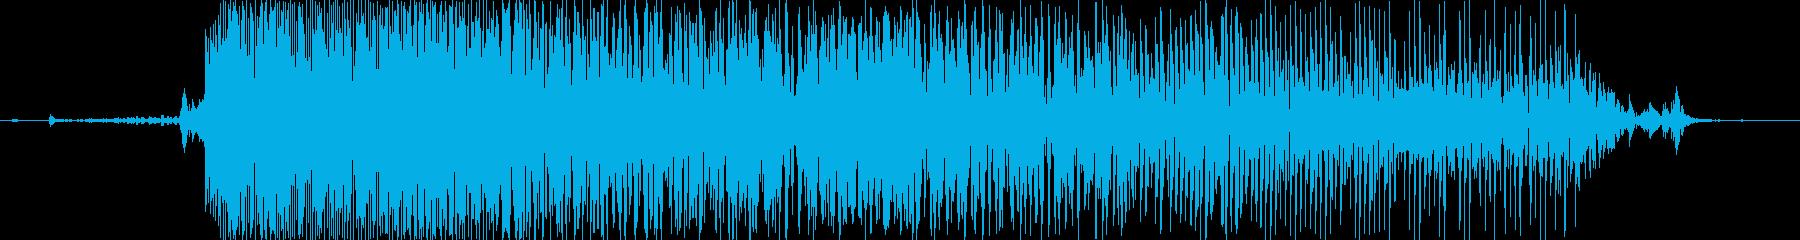 ぎゃーっ!の再生済みの波形